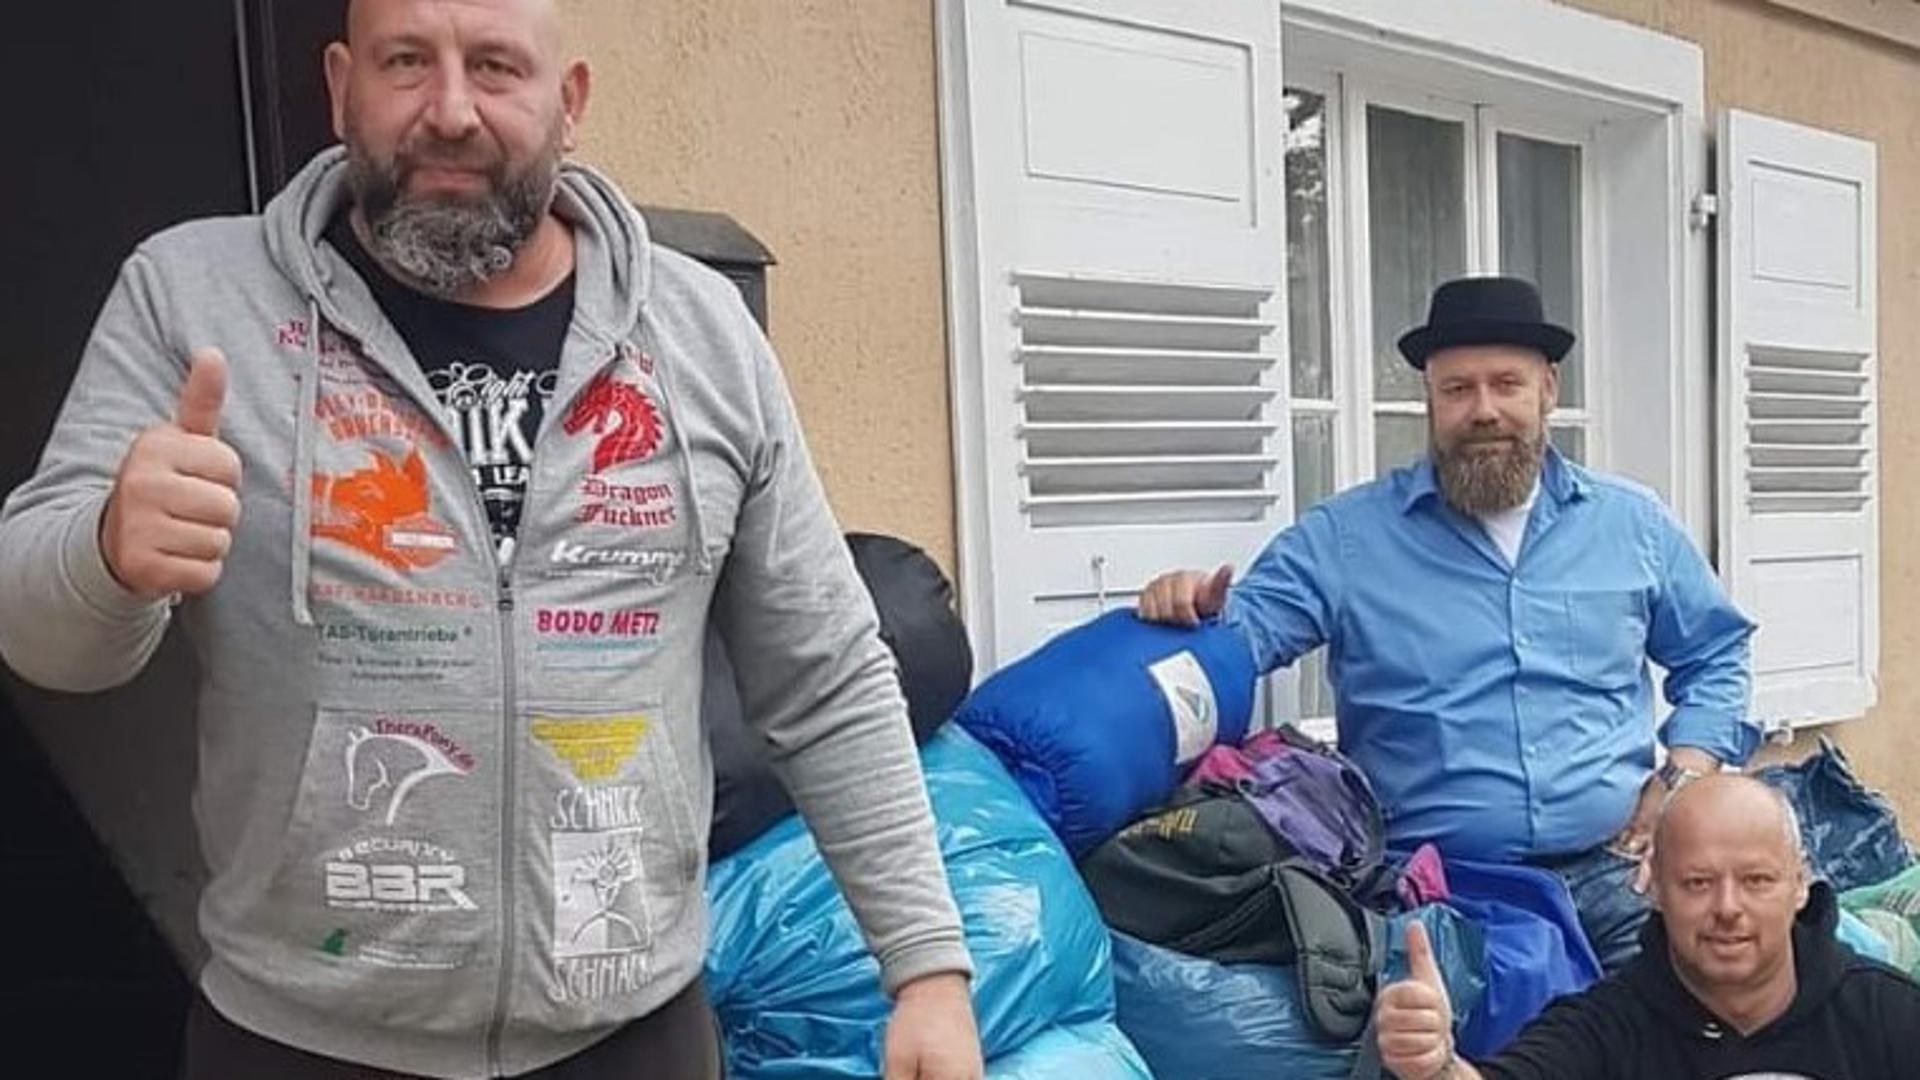 Sammelergebnis:  Mehrere Säcke mit winterlicher Kleidung und nützlichen Utensilien  kamen bei Fuckners  Aktion für Obdachlose zusammen.